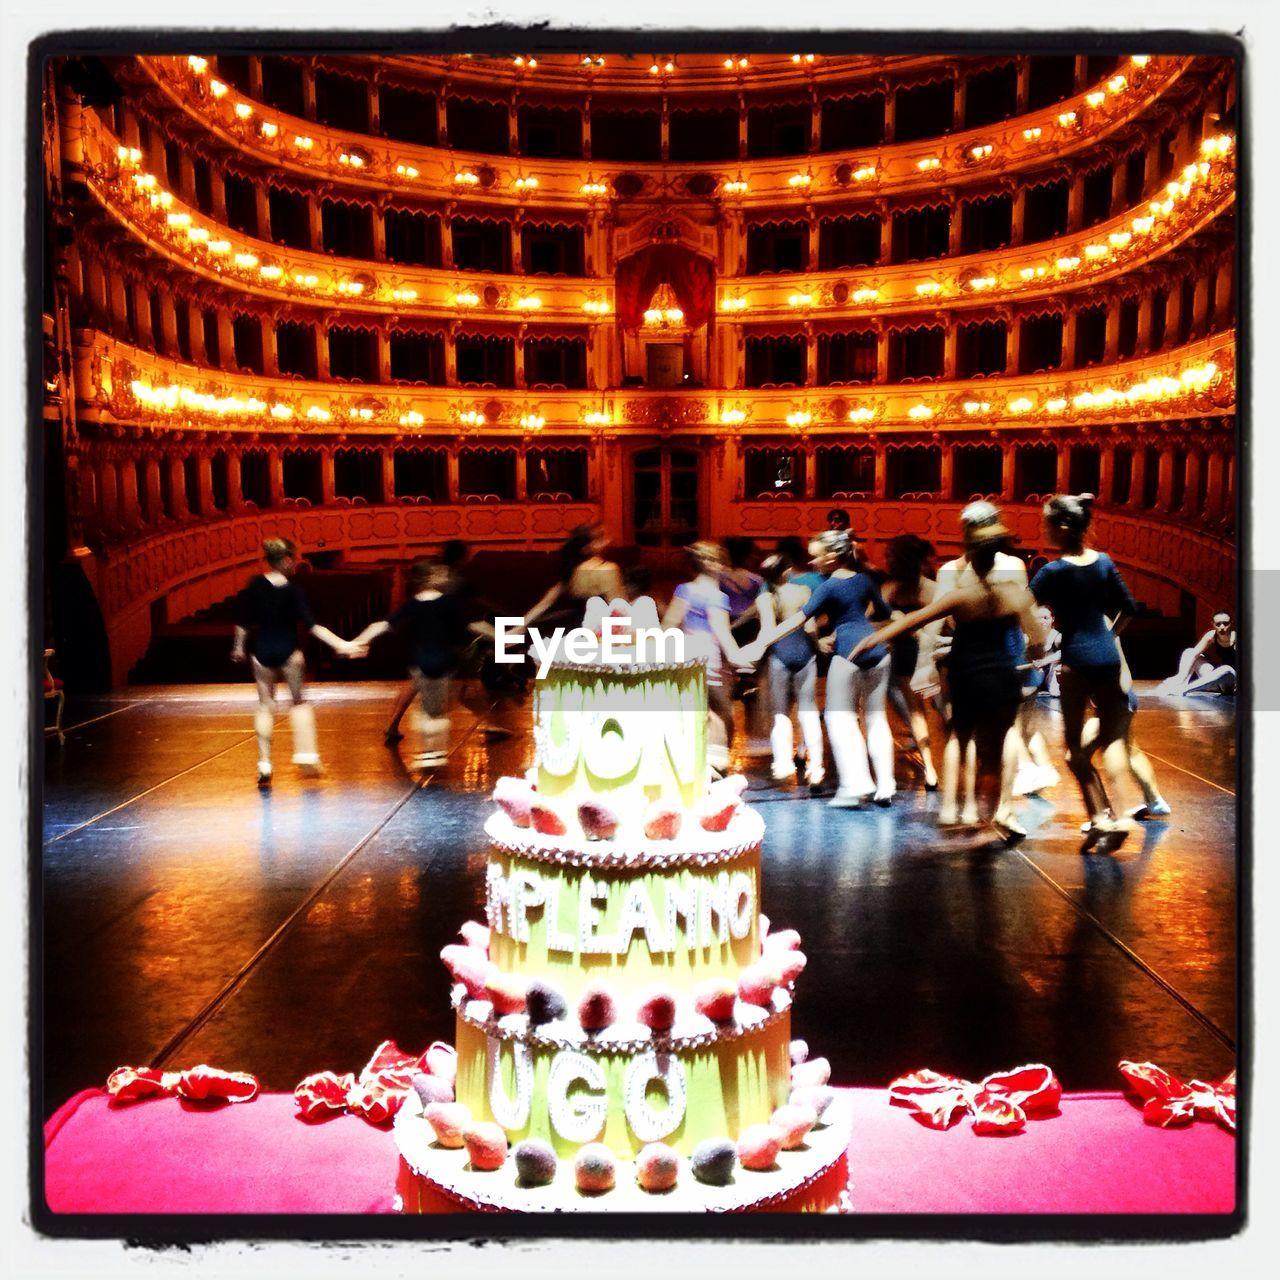 illuminated, indoors, celebration, enjoyment, sitting, large group of people, men, night, people